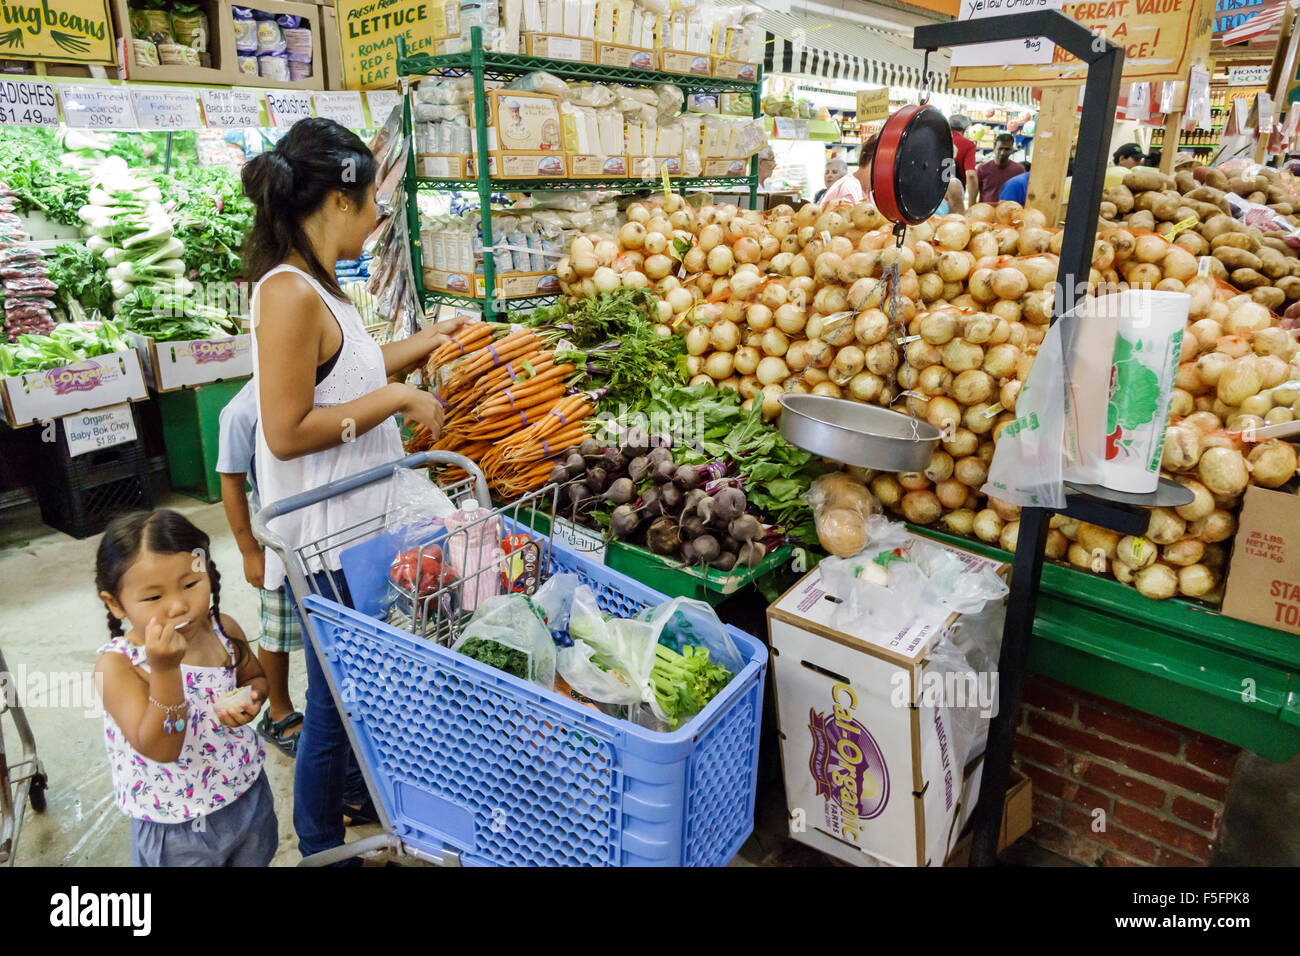 Florida Delray Beach Boys Farmers Market negozio di alimentari supermercato alimentare display vendita shopping Immagini Stock